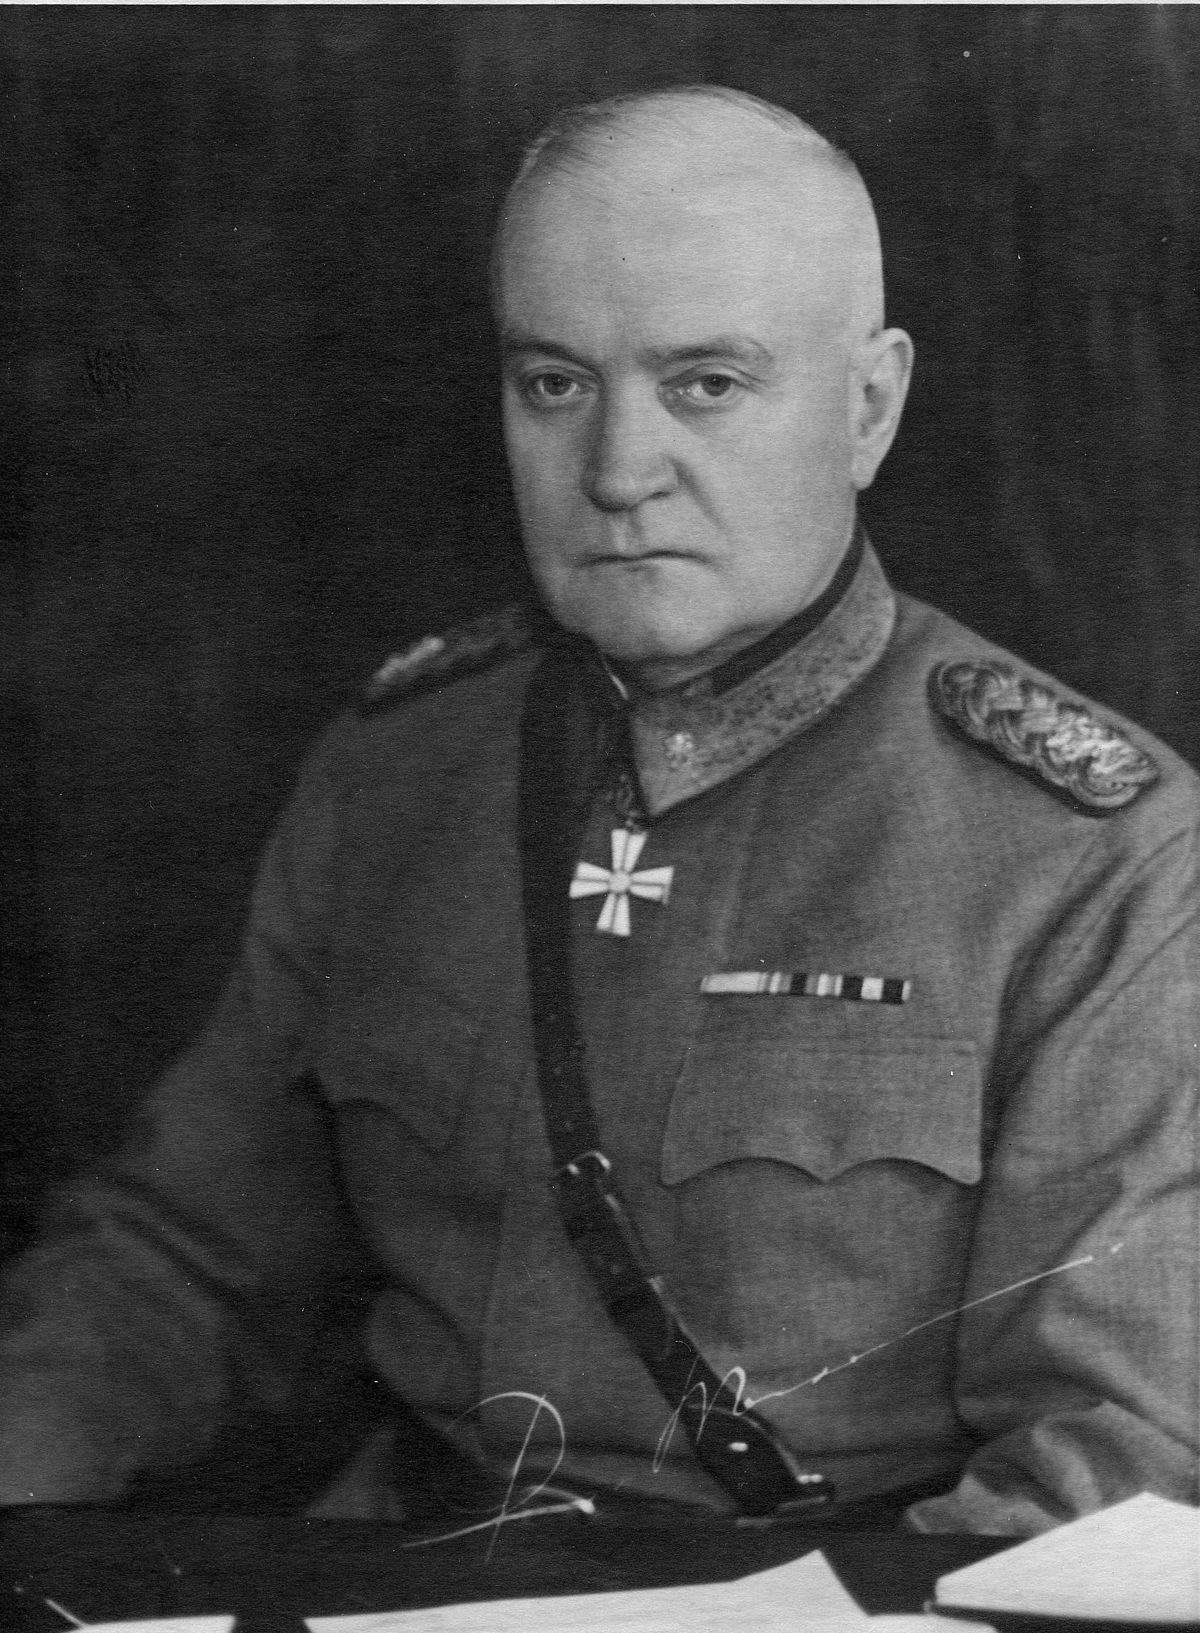 Rudolf Walden